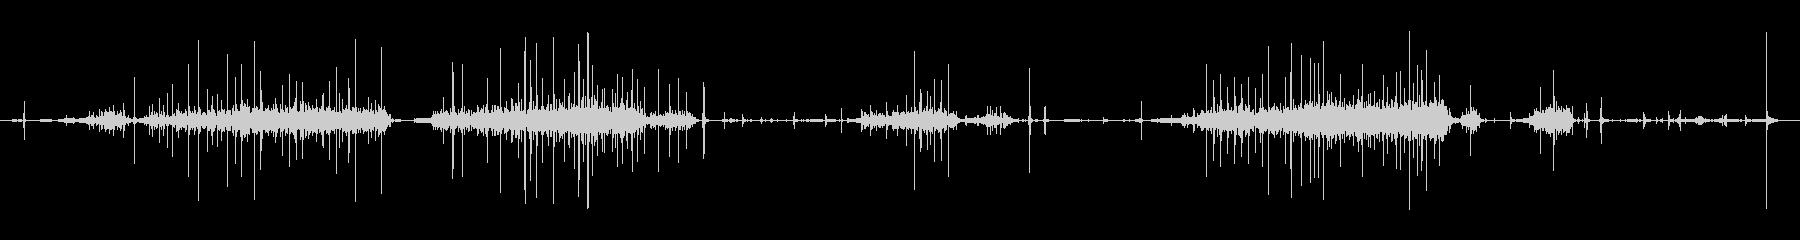 ミシン、バージョン2、ツール。 D...の未再生の波形